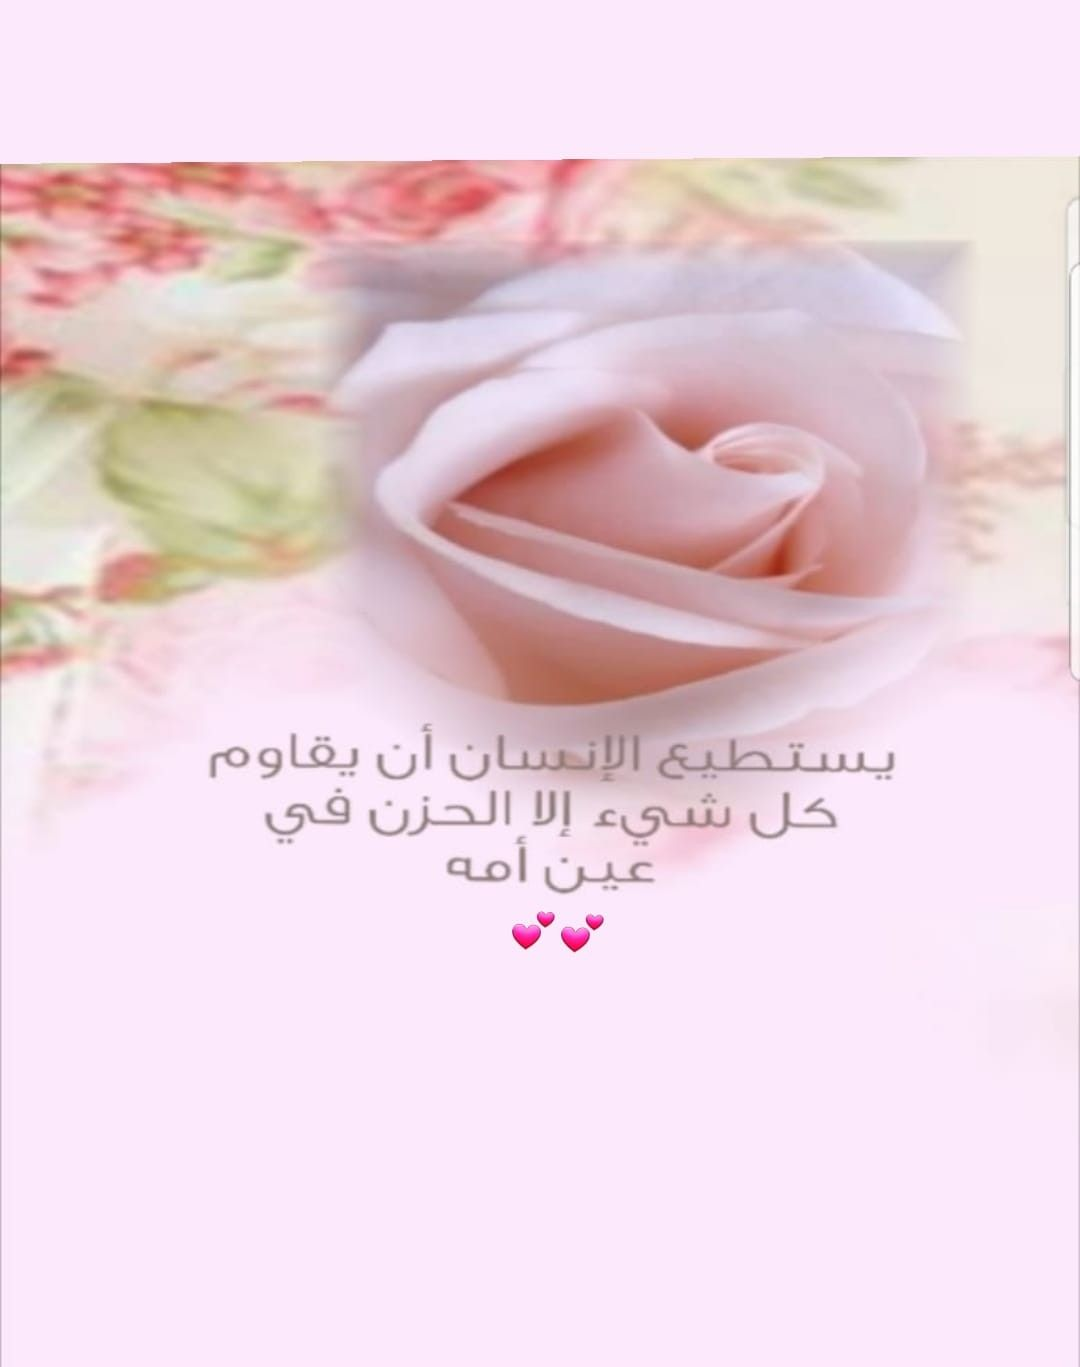 الله يرحم امي الحبيبة الصبورة Desserts Icing Food